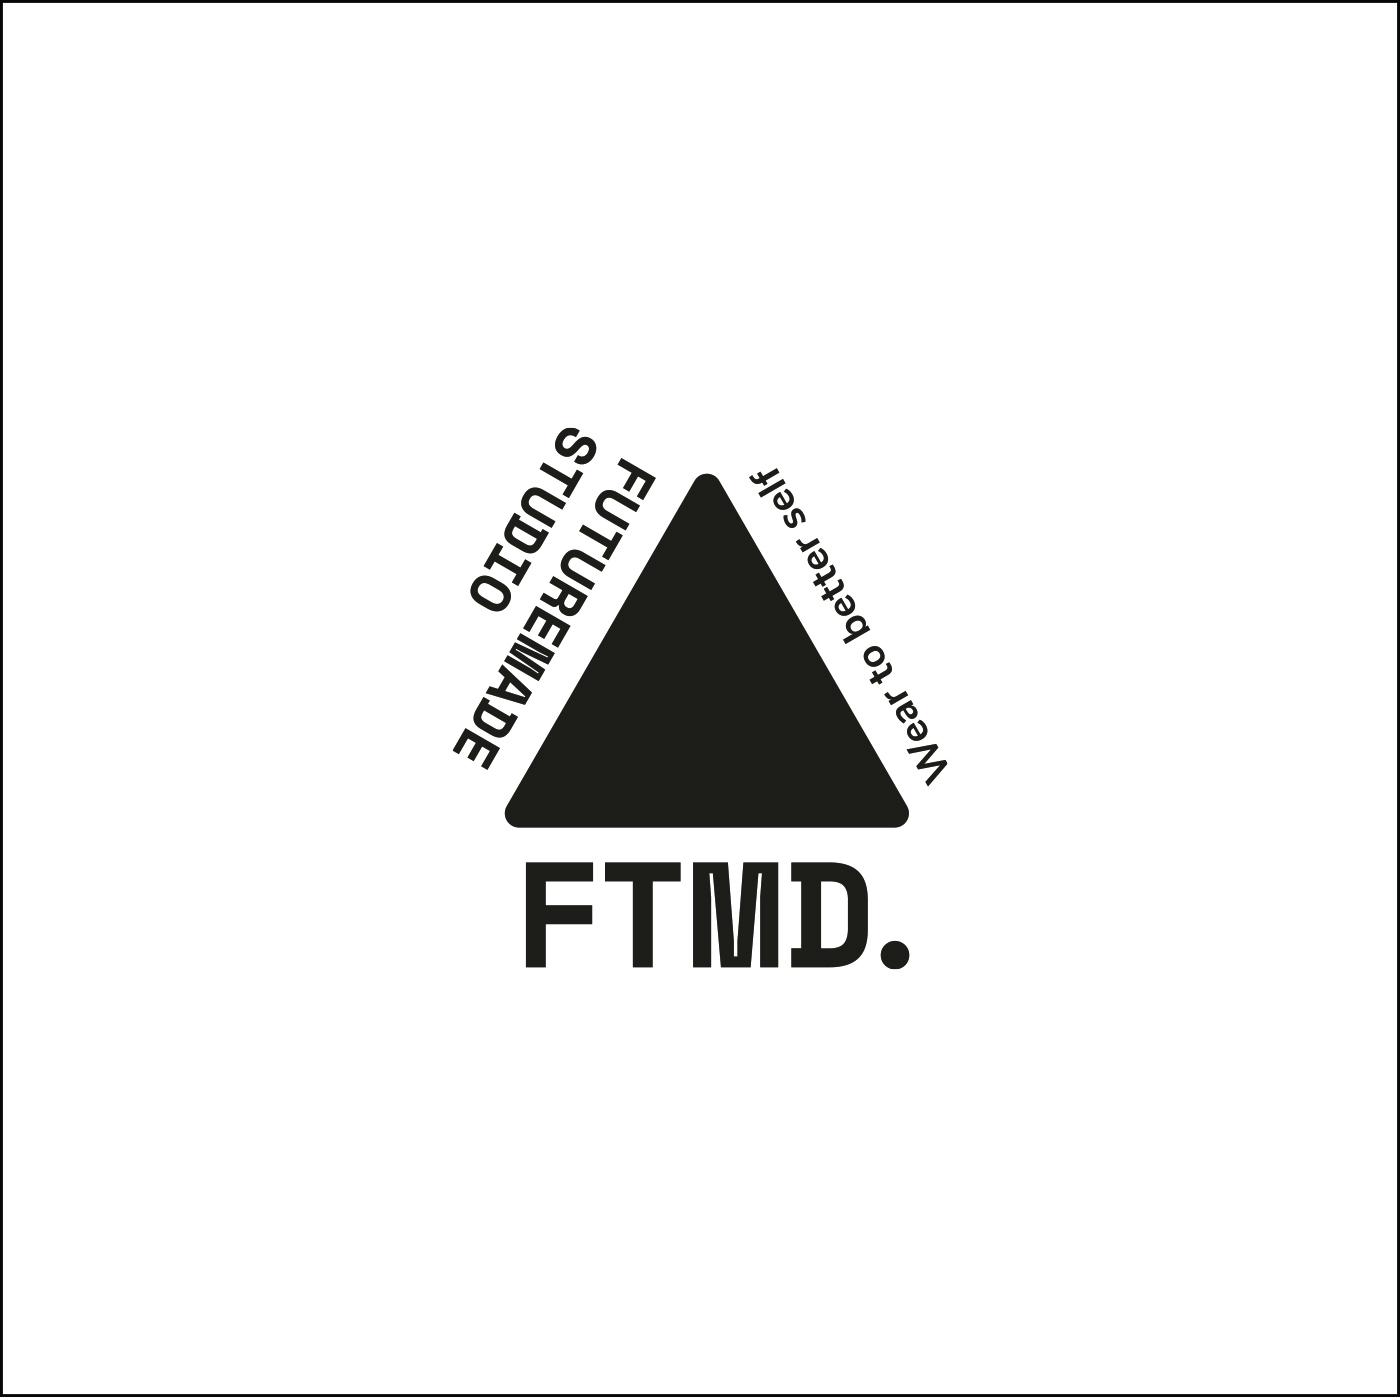 futuremade 台北,futuremade,futuremade台灣,小屁孩,馬來西亞,FUTUREMADE STUDIO,Xiao Pi Hai,FTMD,FTMD.